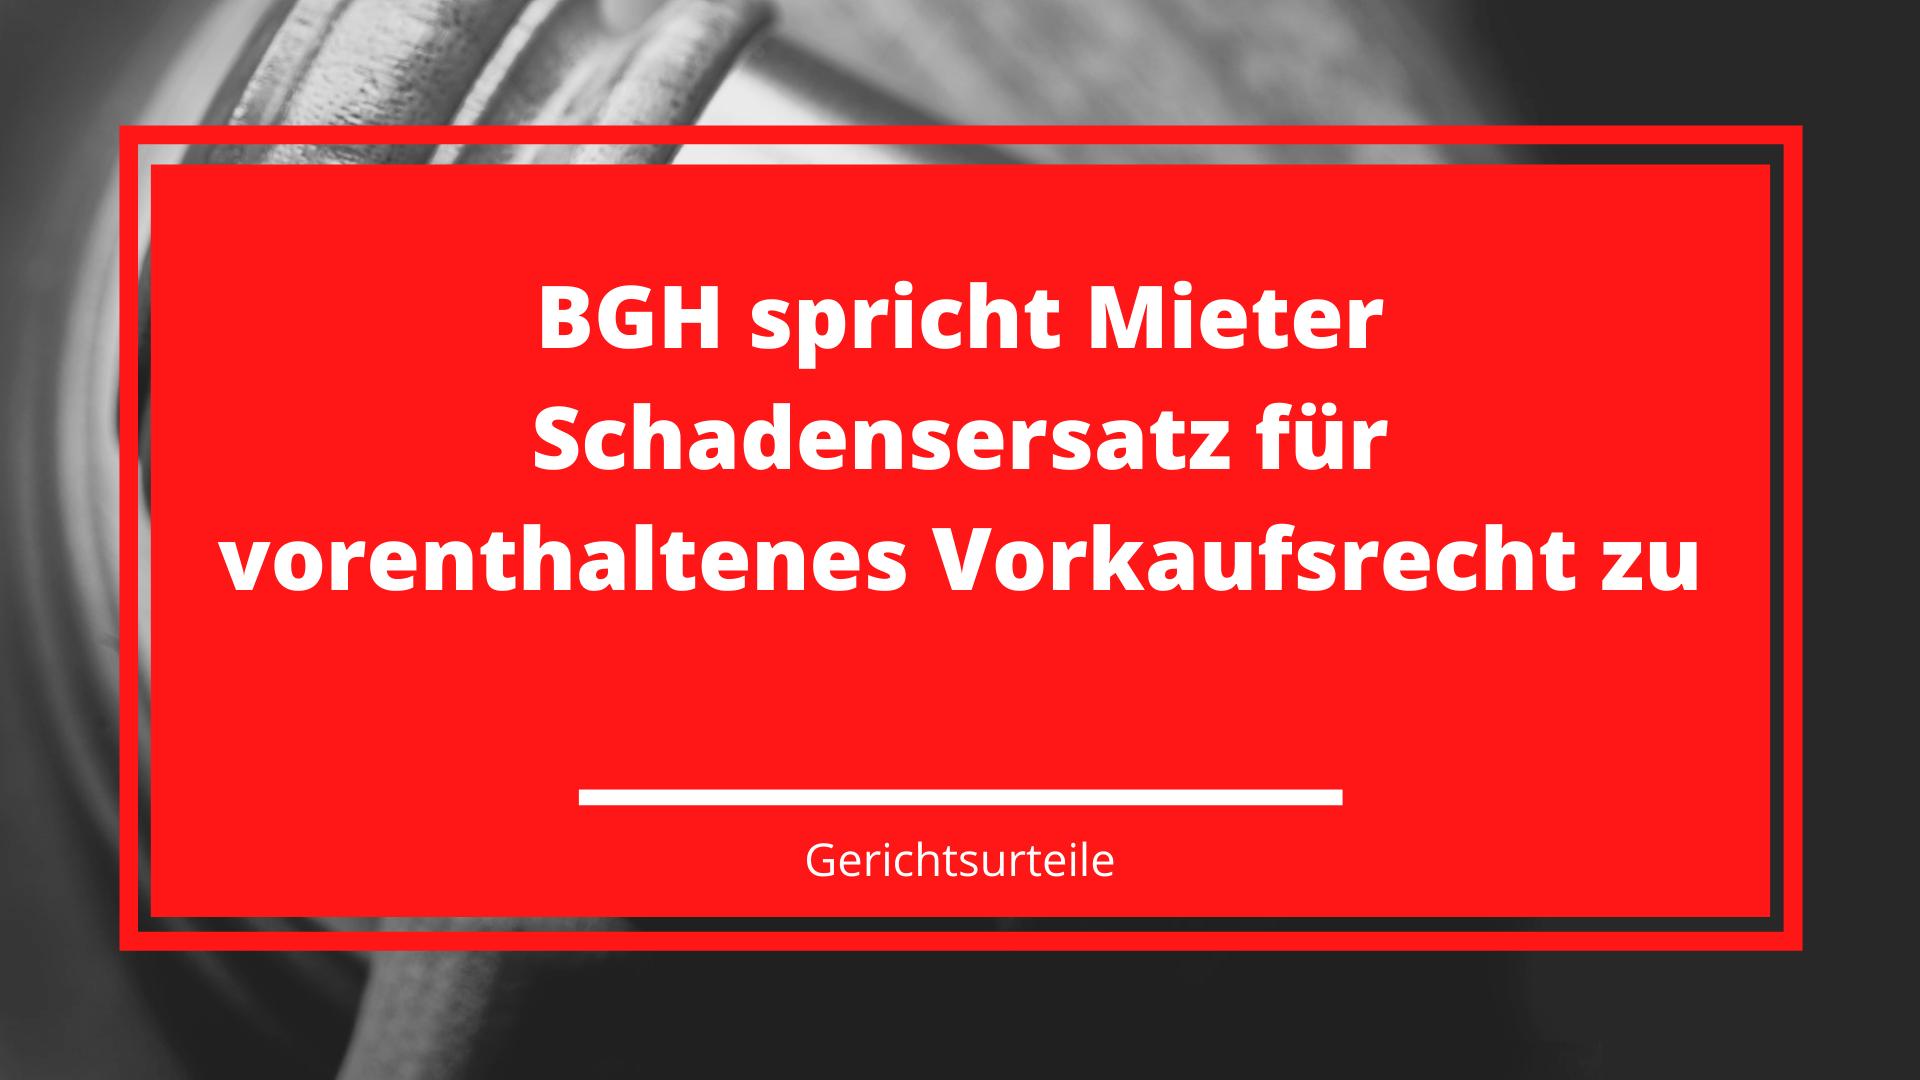 BGH spricht Mieter Schadensersatz für vorenthaltenes Vorkaufsrecht zu